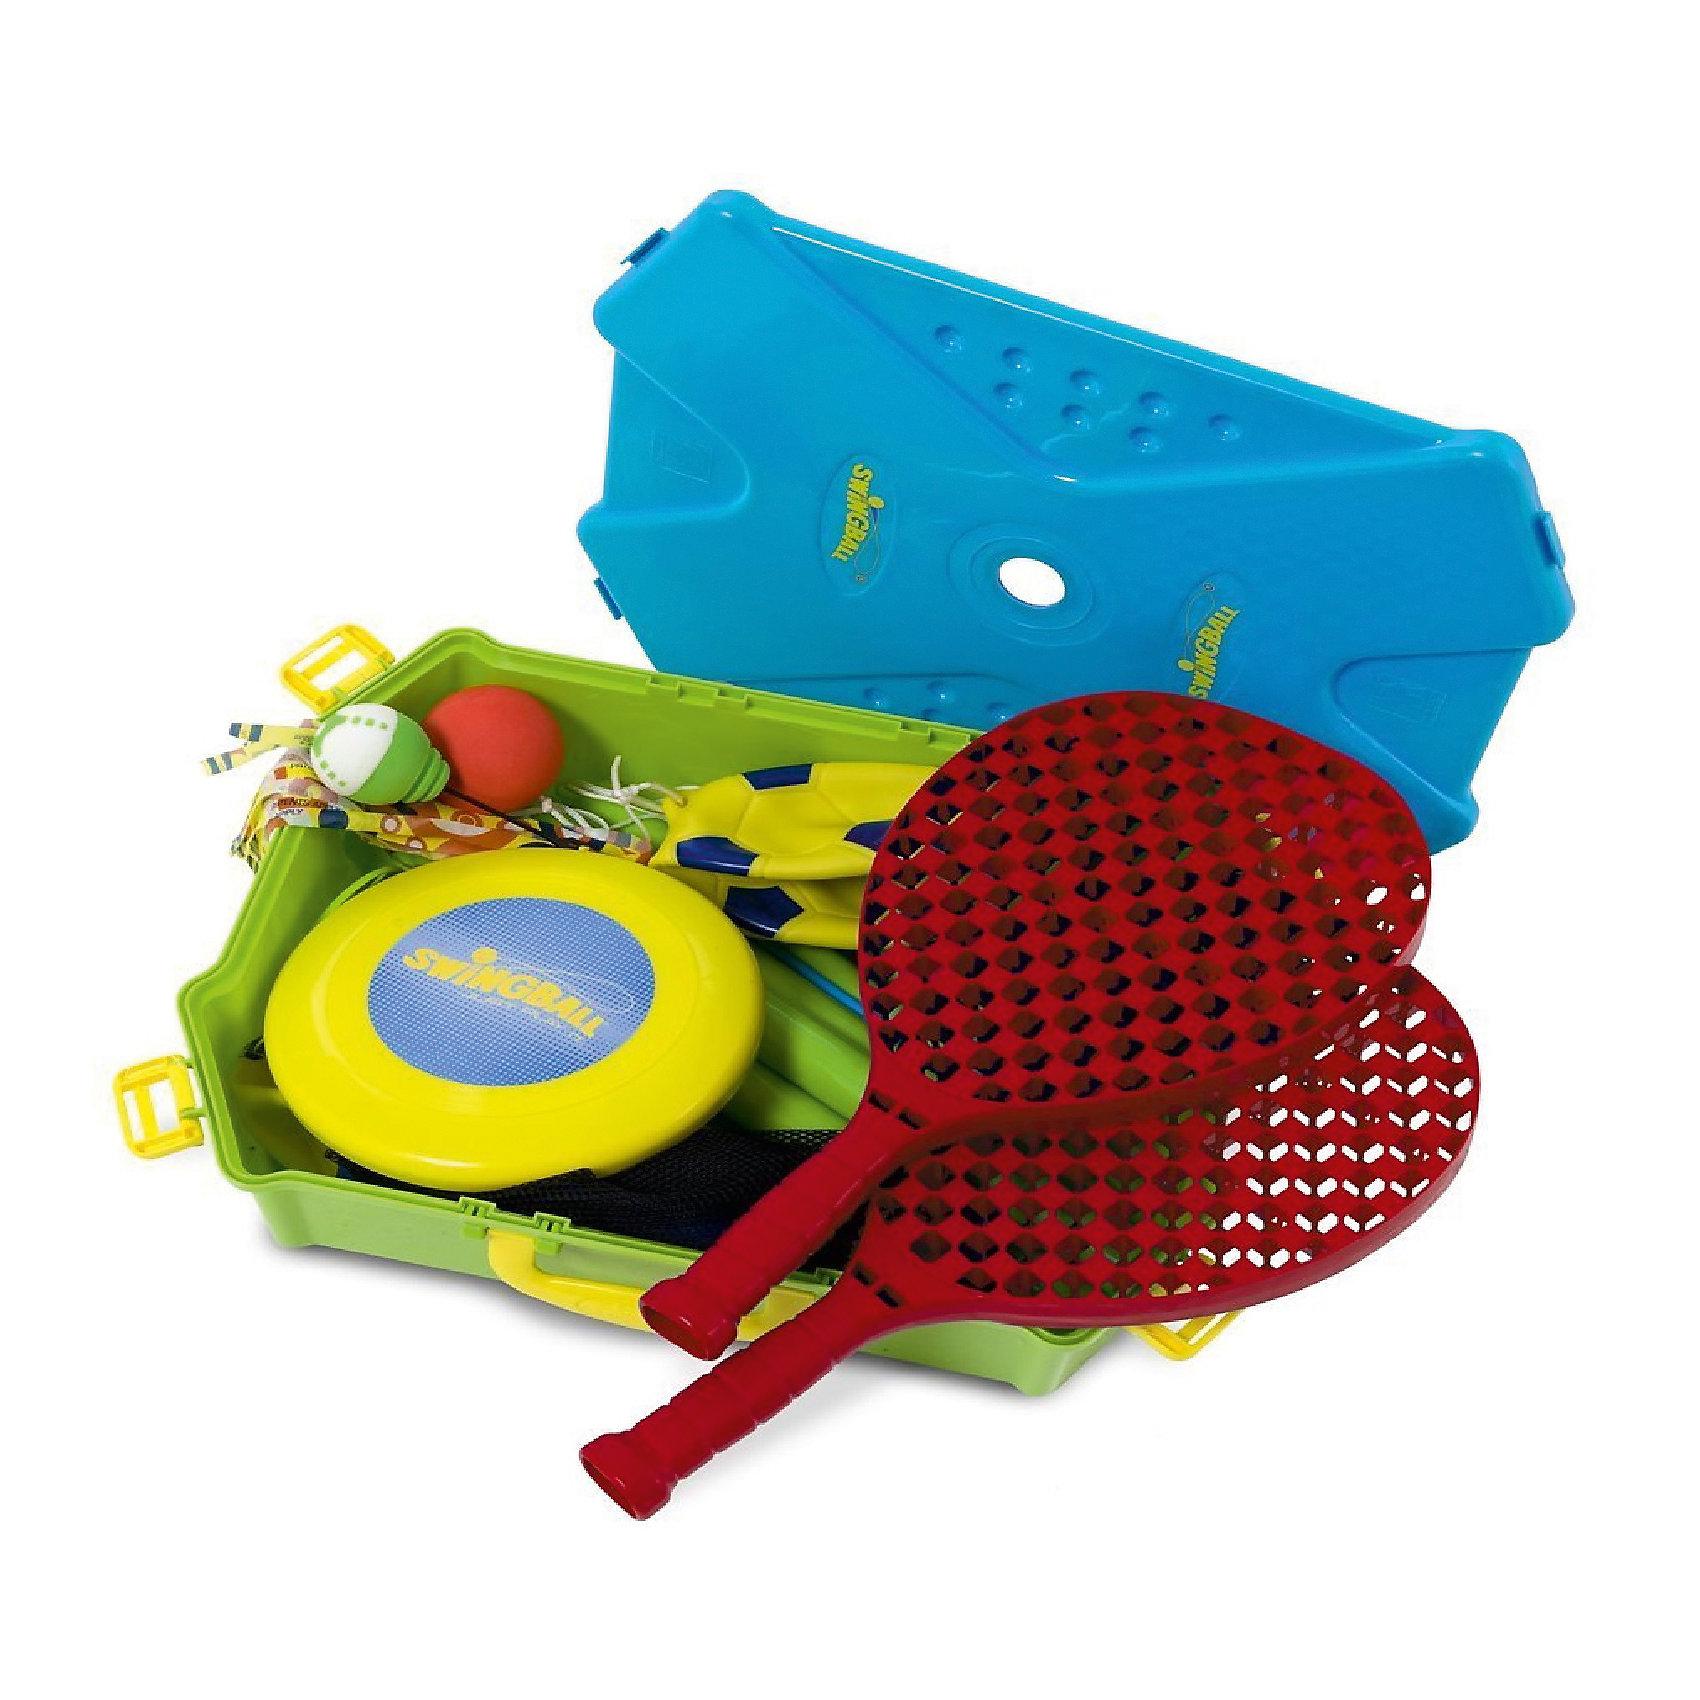 Набор спортивных  игр 5-в-1, MookieИгровые наборы<br>5 в 1 - набор спортивных игр, созданный специально для любителей активного отдыха. В наборе детали для пяти игр: волейбол, бадминтон, теннис, фрисби, футбол. Для большей устойчивости стойку можно заполнить песком или водой. Все игры легко собираются, разбираются и удобно хранятся в кейсе. С этим набором ребенок всегда сможет провести время с пользой.<br><br>Дополнительная информация:<br>Размер: 14х33х42 см<br>Вес: 1058 грамм<br>Вы можете купить набор 5 в 1 в нашем интернет-магазине.<br><br>Ширина мм: 420<br>Глубина мм: 330<br>Высота мм: 140<br>Вес г: 1058<br>Возраст от месяцев: 72<br>Возраст до месяцев: 120<br>Пол: Унисекс<br>Возраст: Детский<br>SKU: 4953648